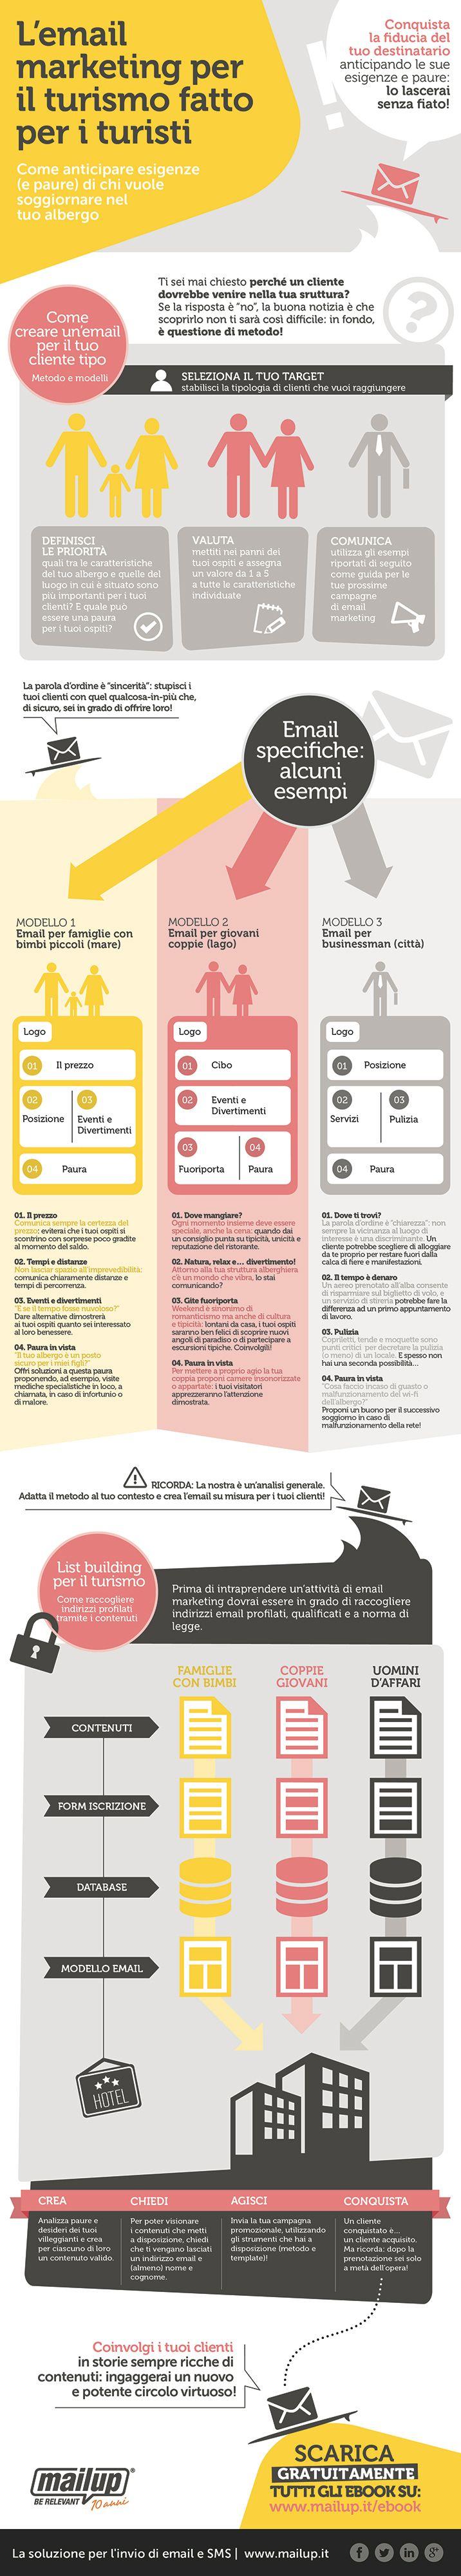 Email marketing e turismo: cosa funziona e perché funziona. #hotel #crm #directmarketinghotel